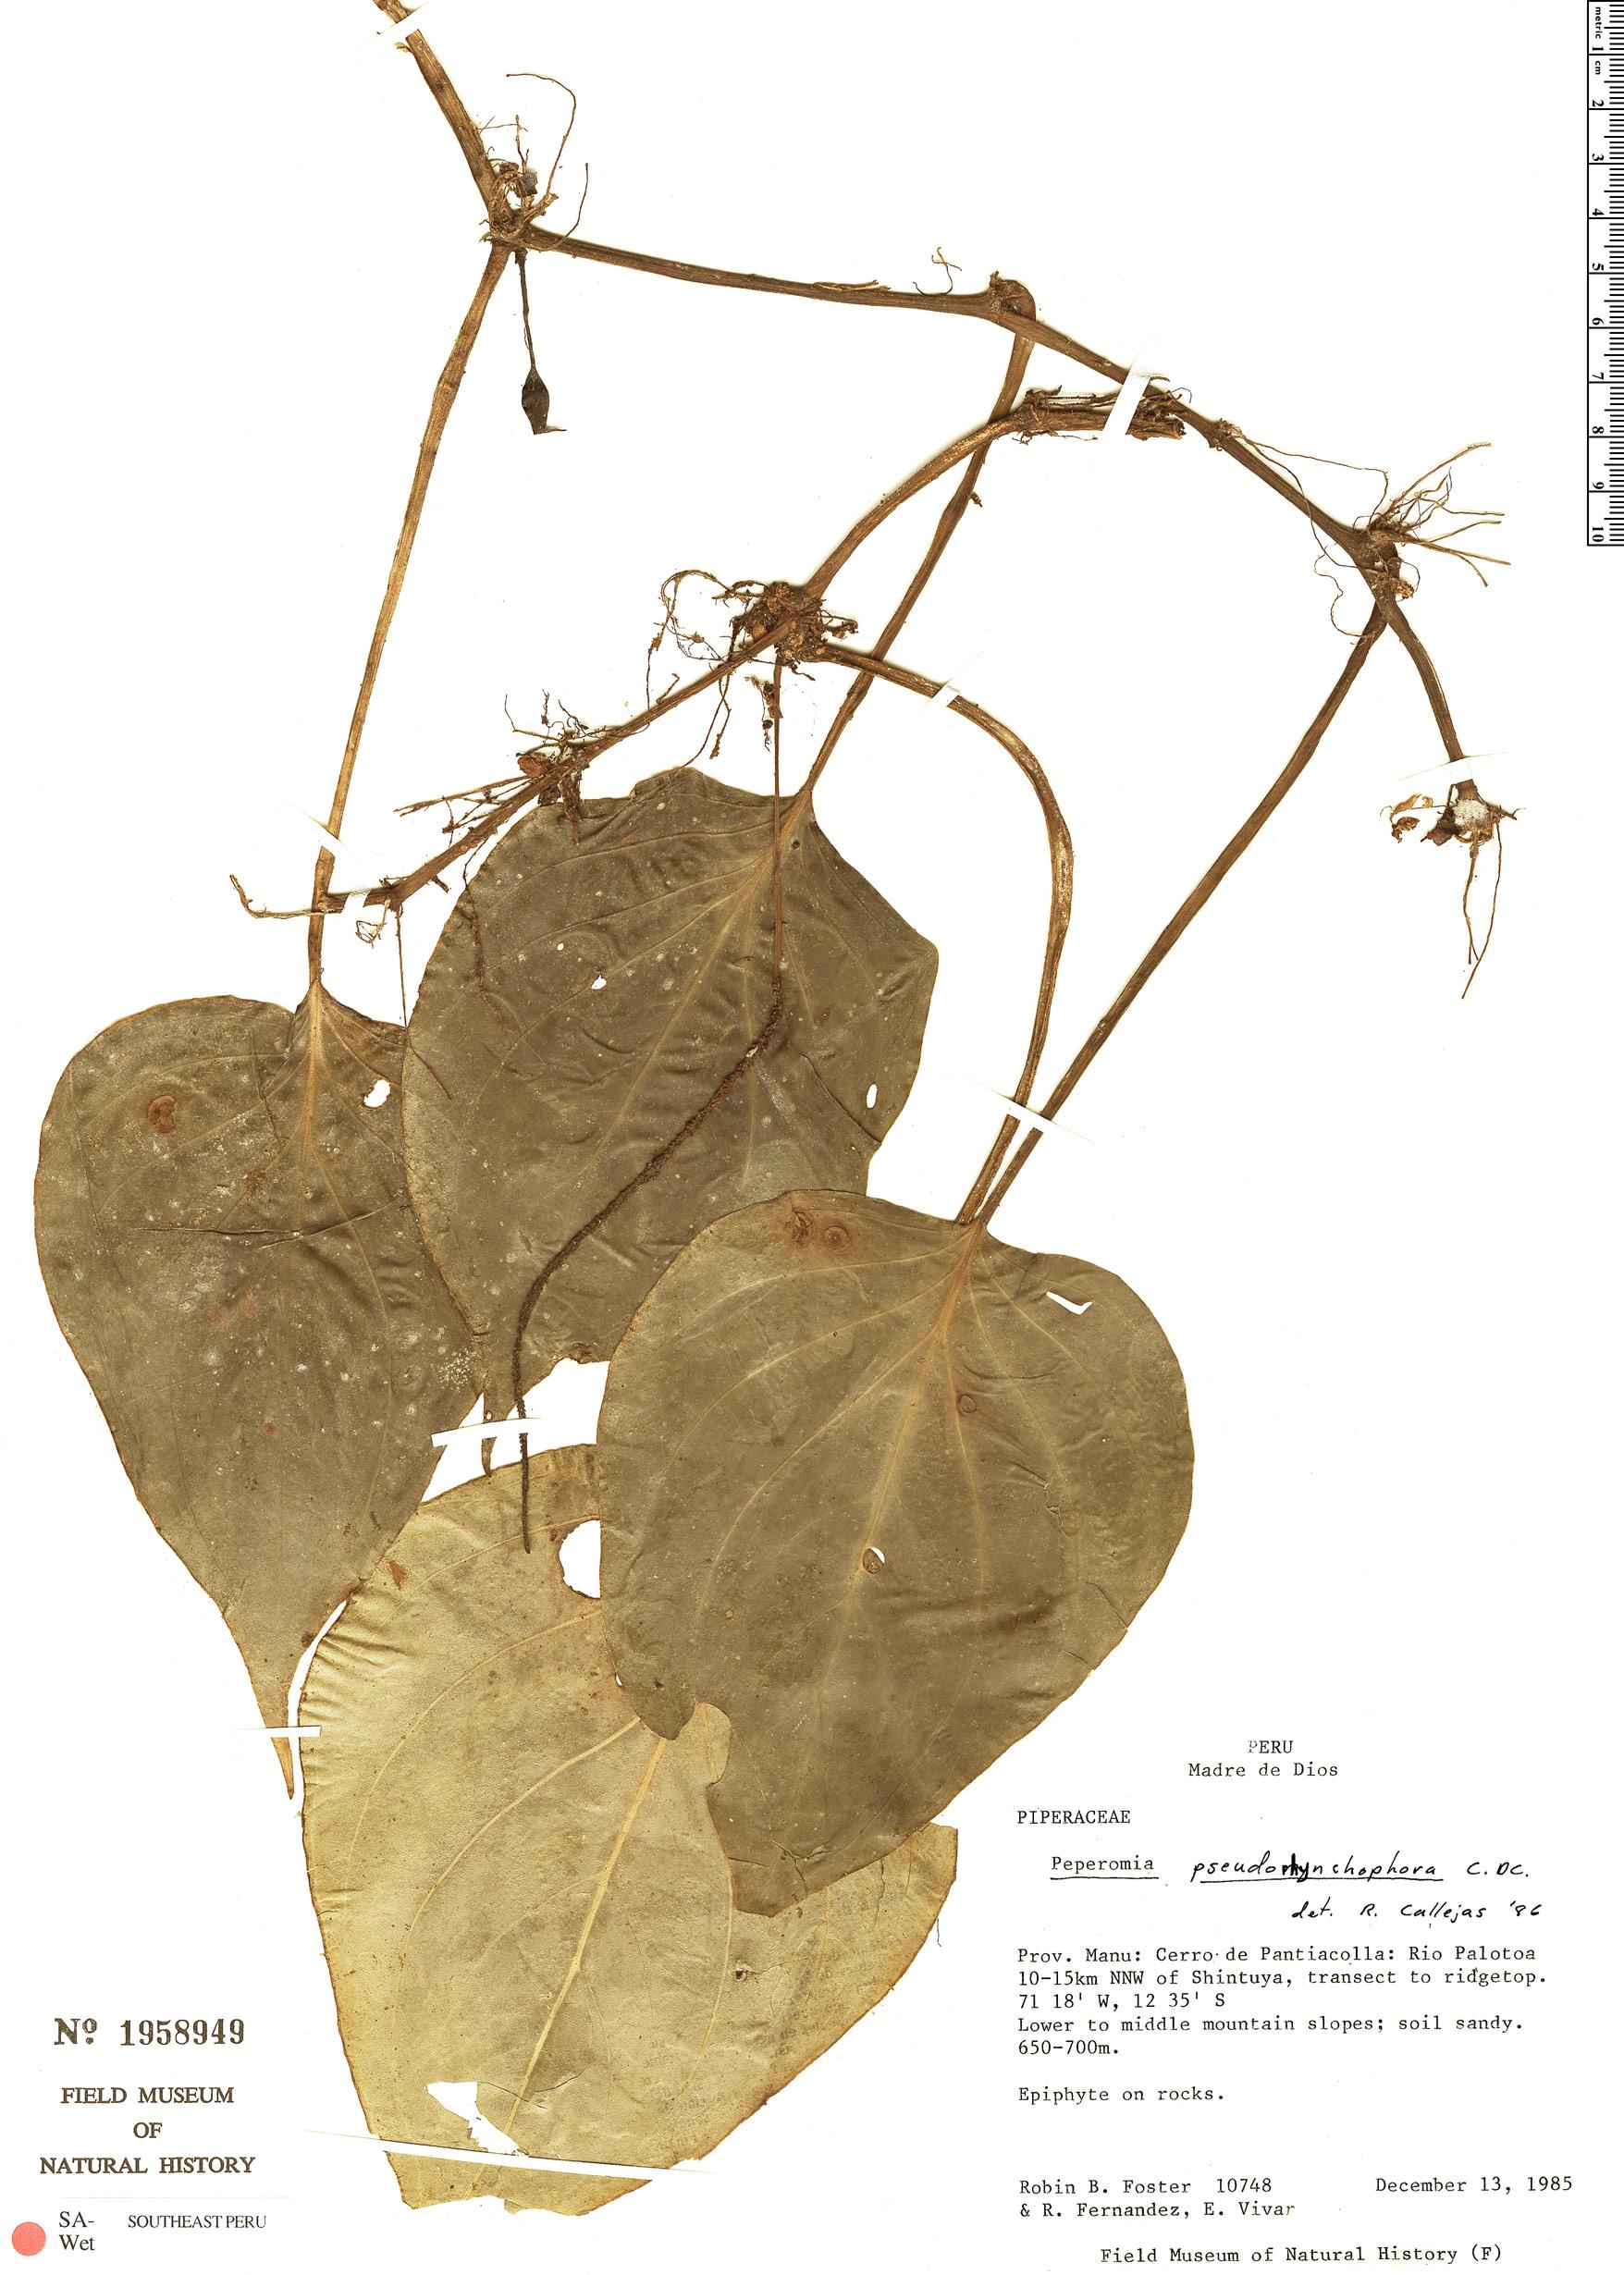 Specimen: Peperomia pseudorhynchophoros